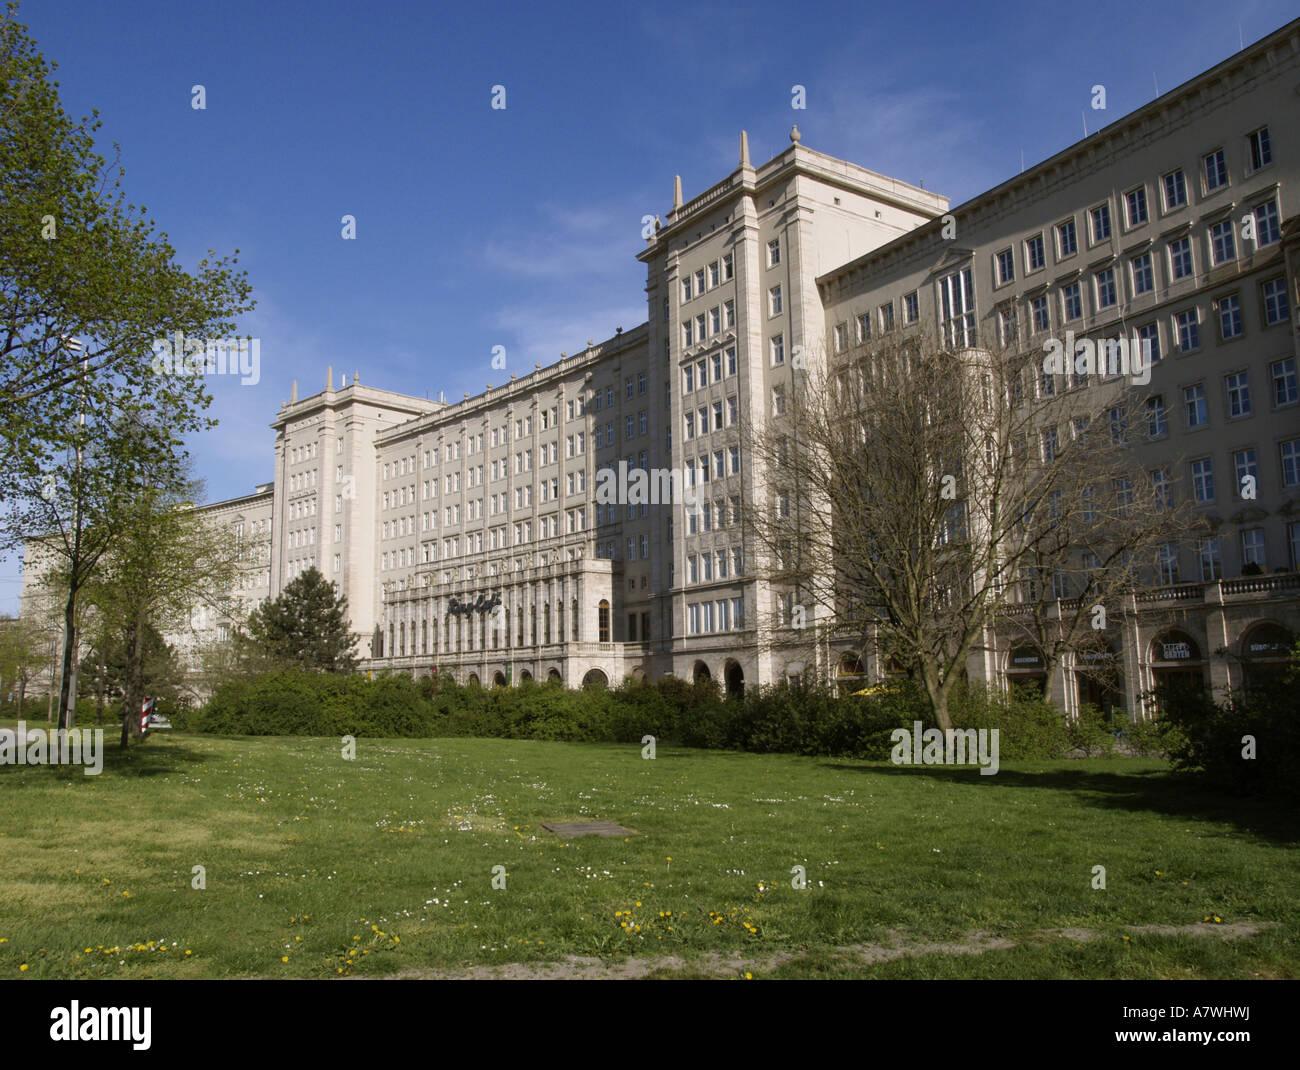 Wohnhäuser aus den 50er Jahren, Leipzig, Sachsen, Deutschland Stockbild